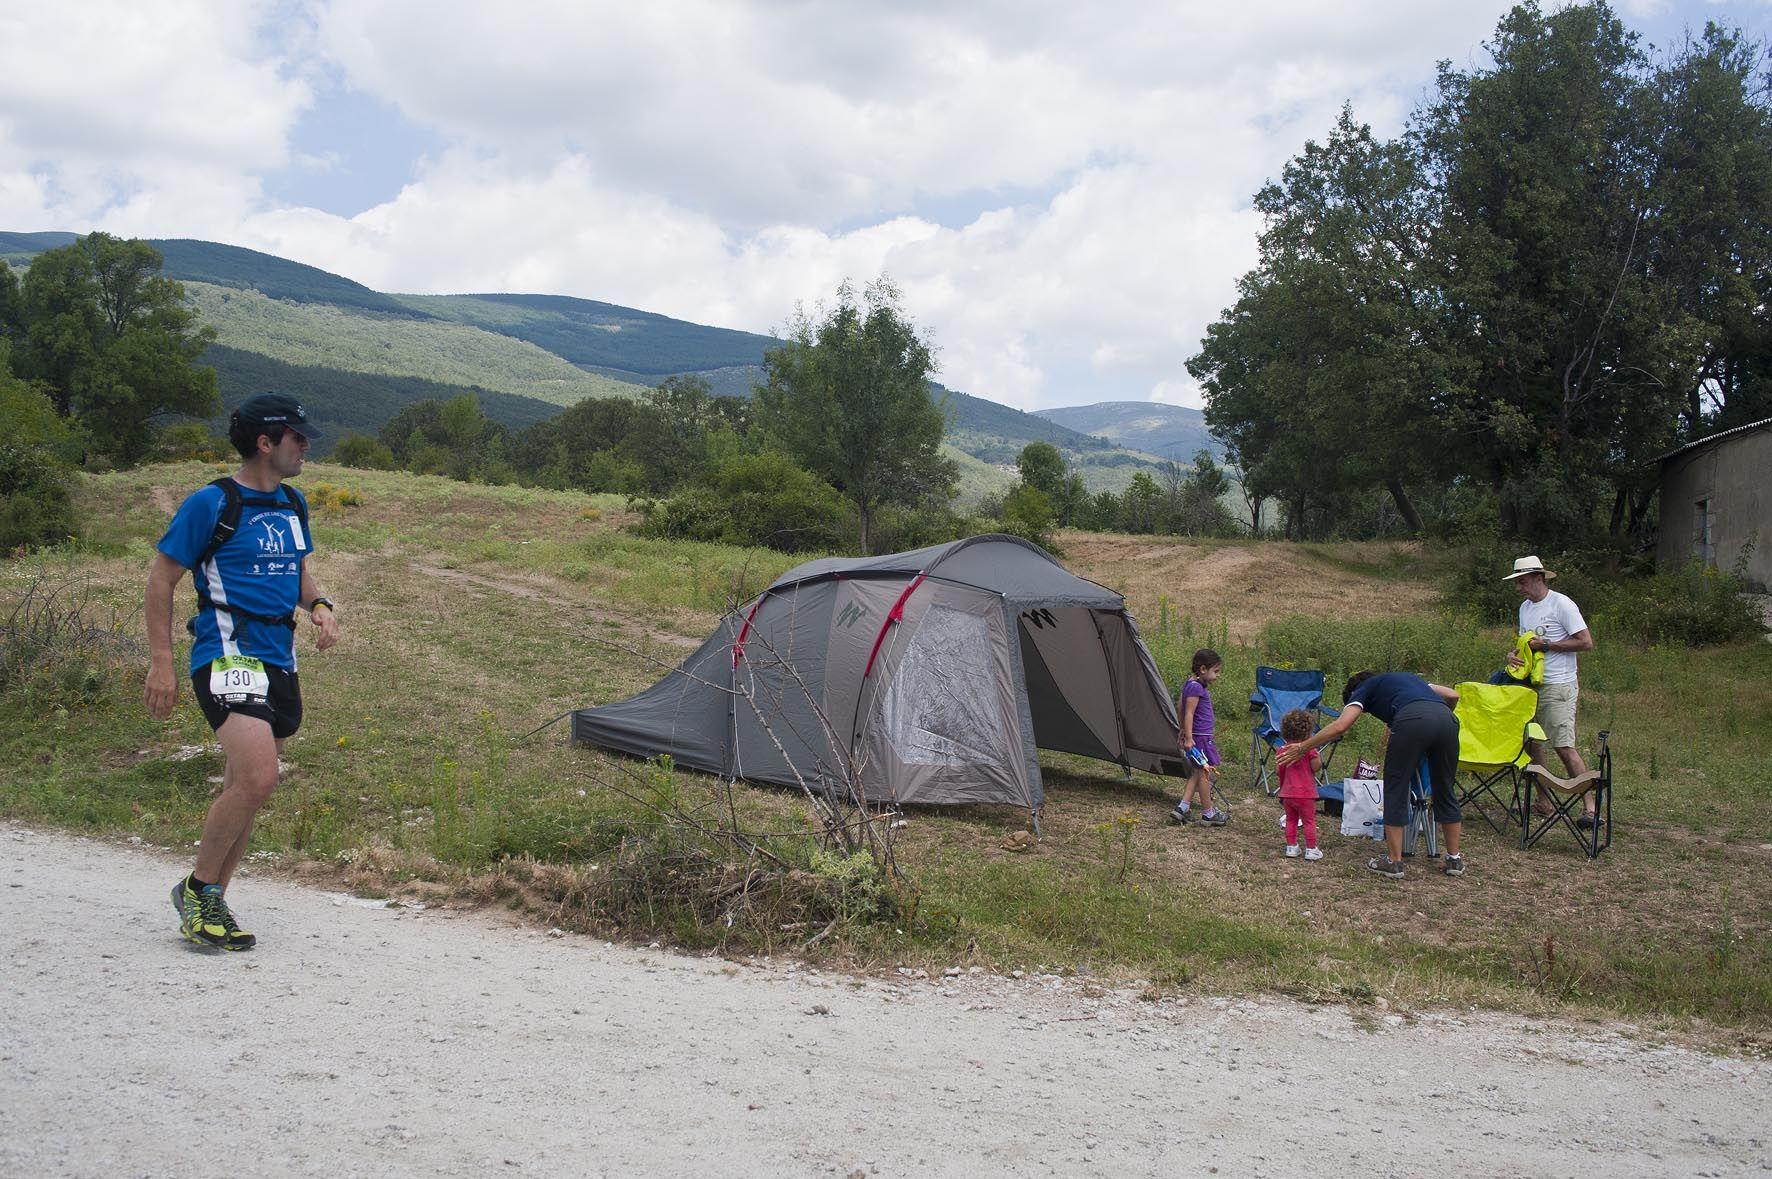 Oxfam Trailwalker Madrid 2014 Valle de Lozolla Sierra Guadarrama